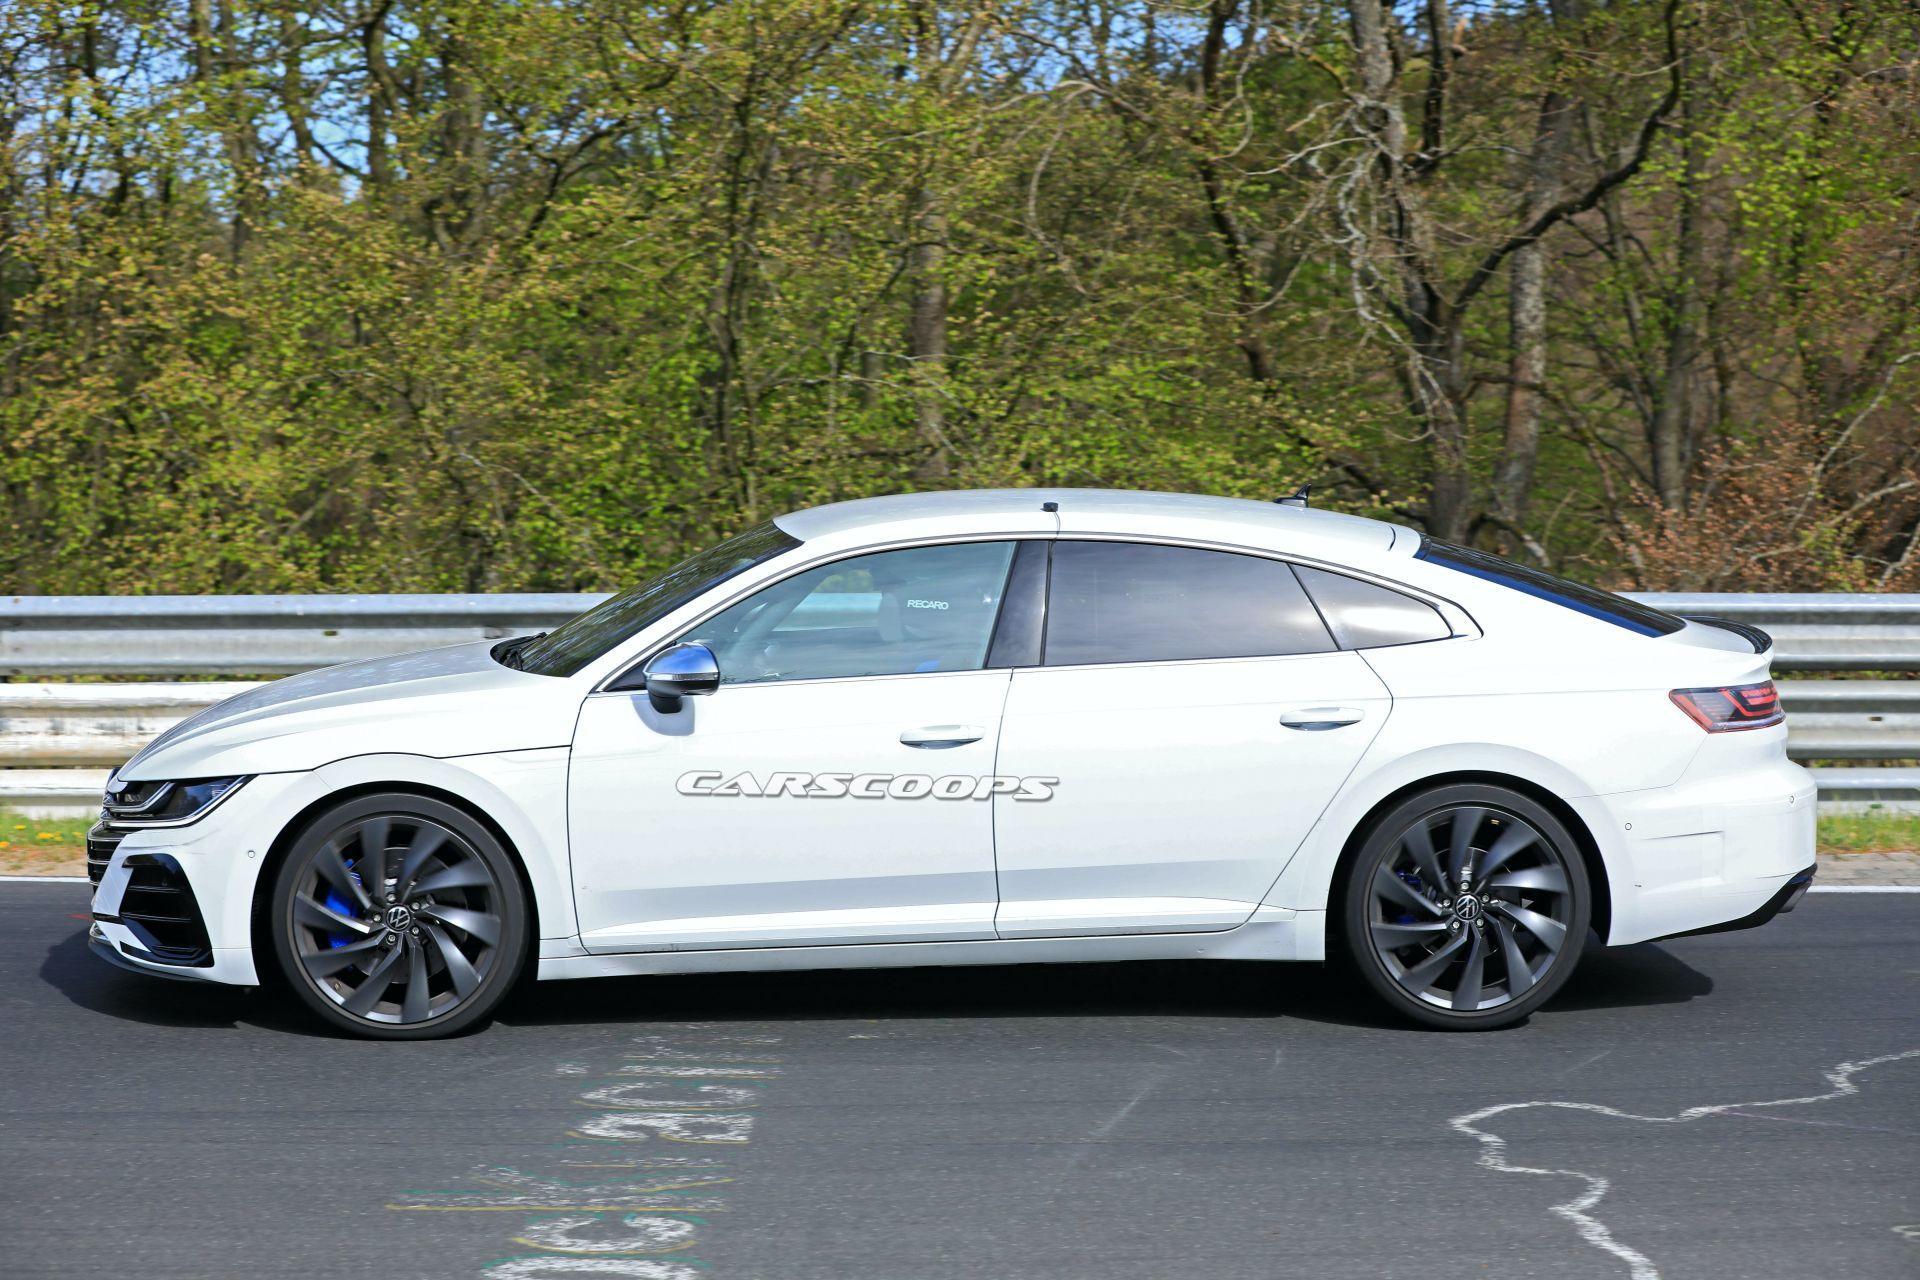 Vw 2021 Arteon Images In 2020 Volkswagen Volkswagen Car Car